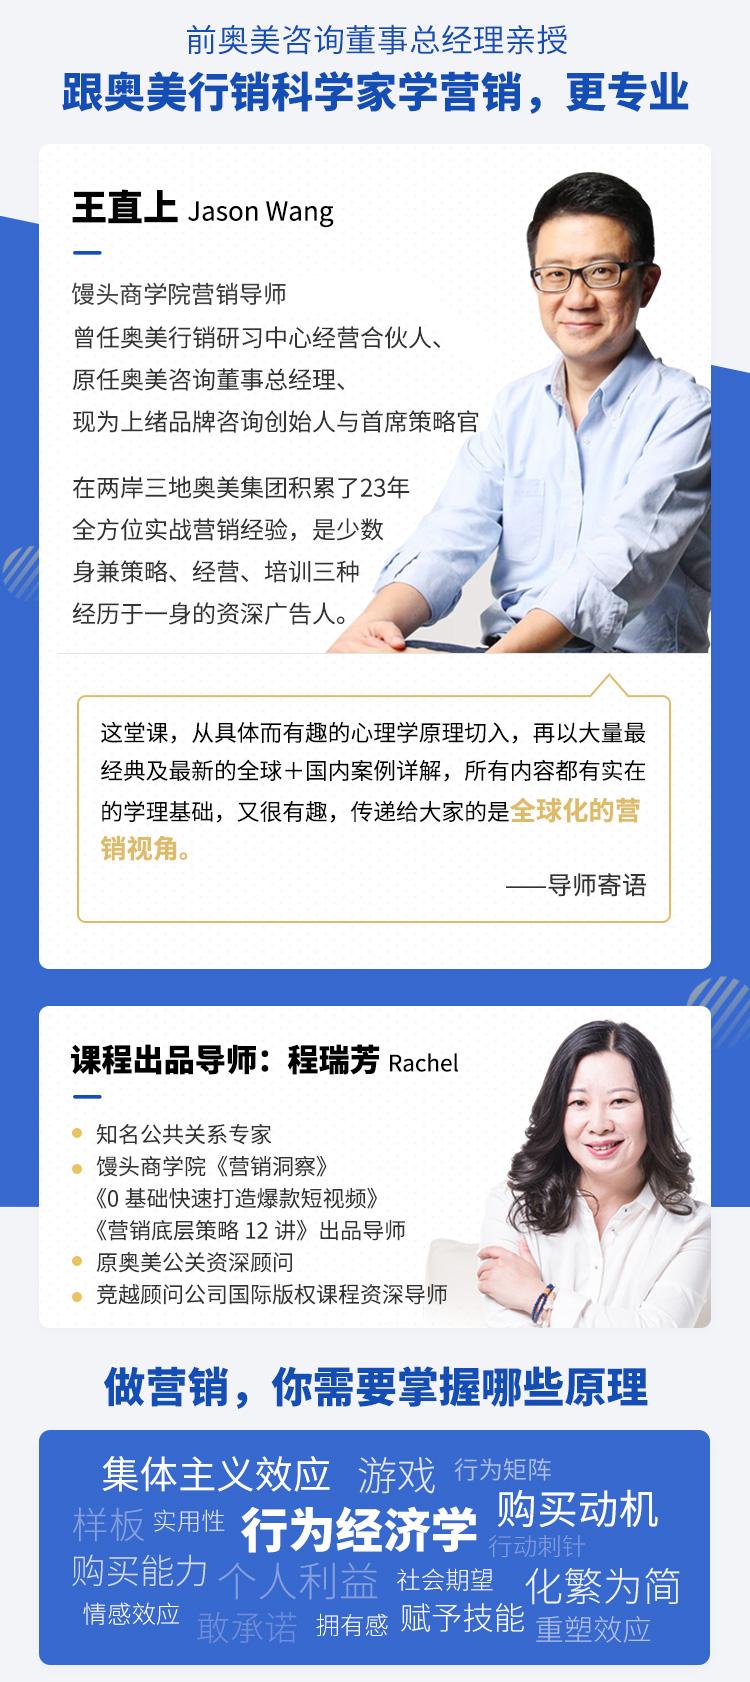 http://mtedu-img.oss-cn-beijing-internal.aliyuncs.com/ueditor/20200423163255_458846.jpg